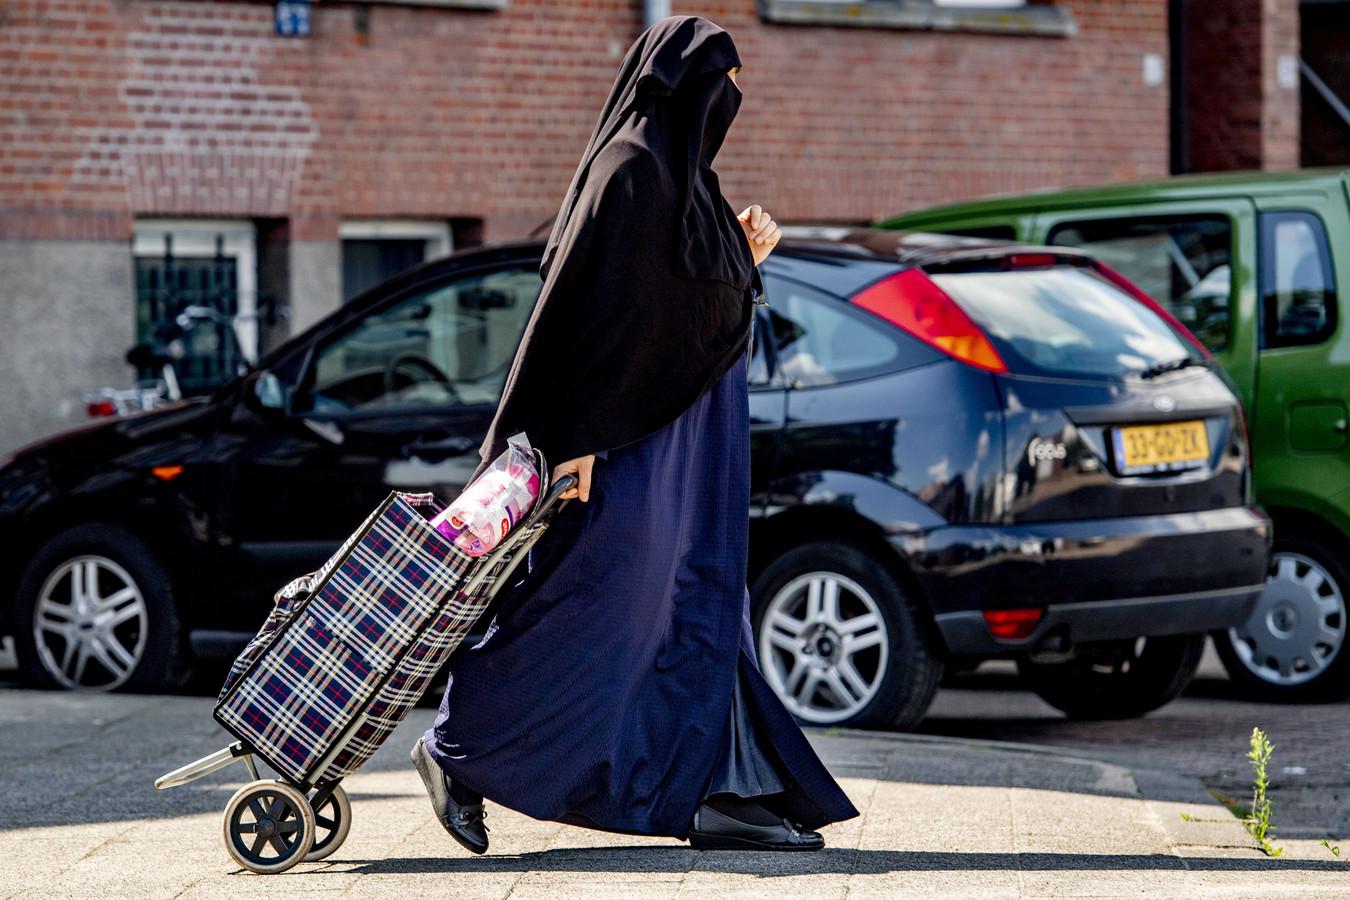 In onder meer het openbaar vervoer, ziekenhuizen en overheidsgebouwen is het vanaf 1 augustus niet meer toegestaan om gezichtsbedekkende kleding te dragen.